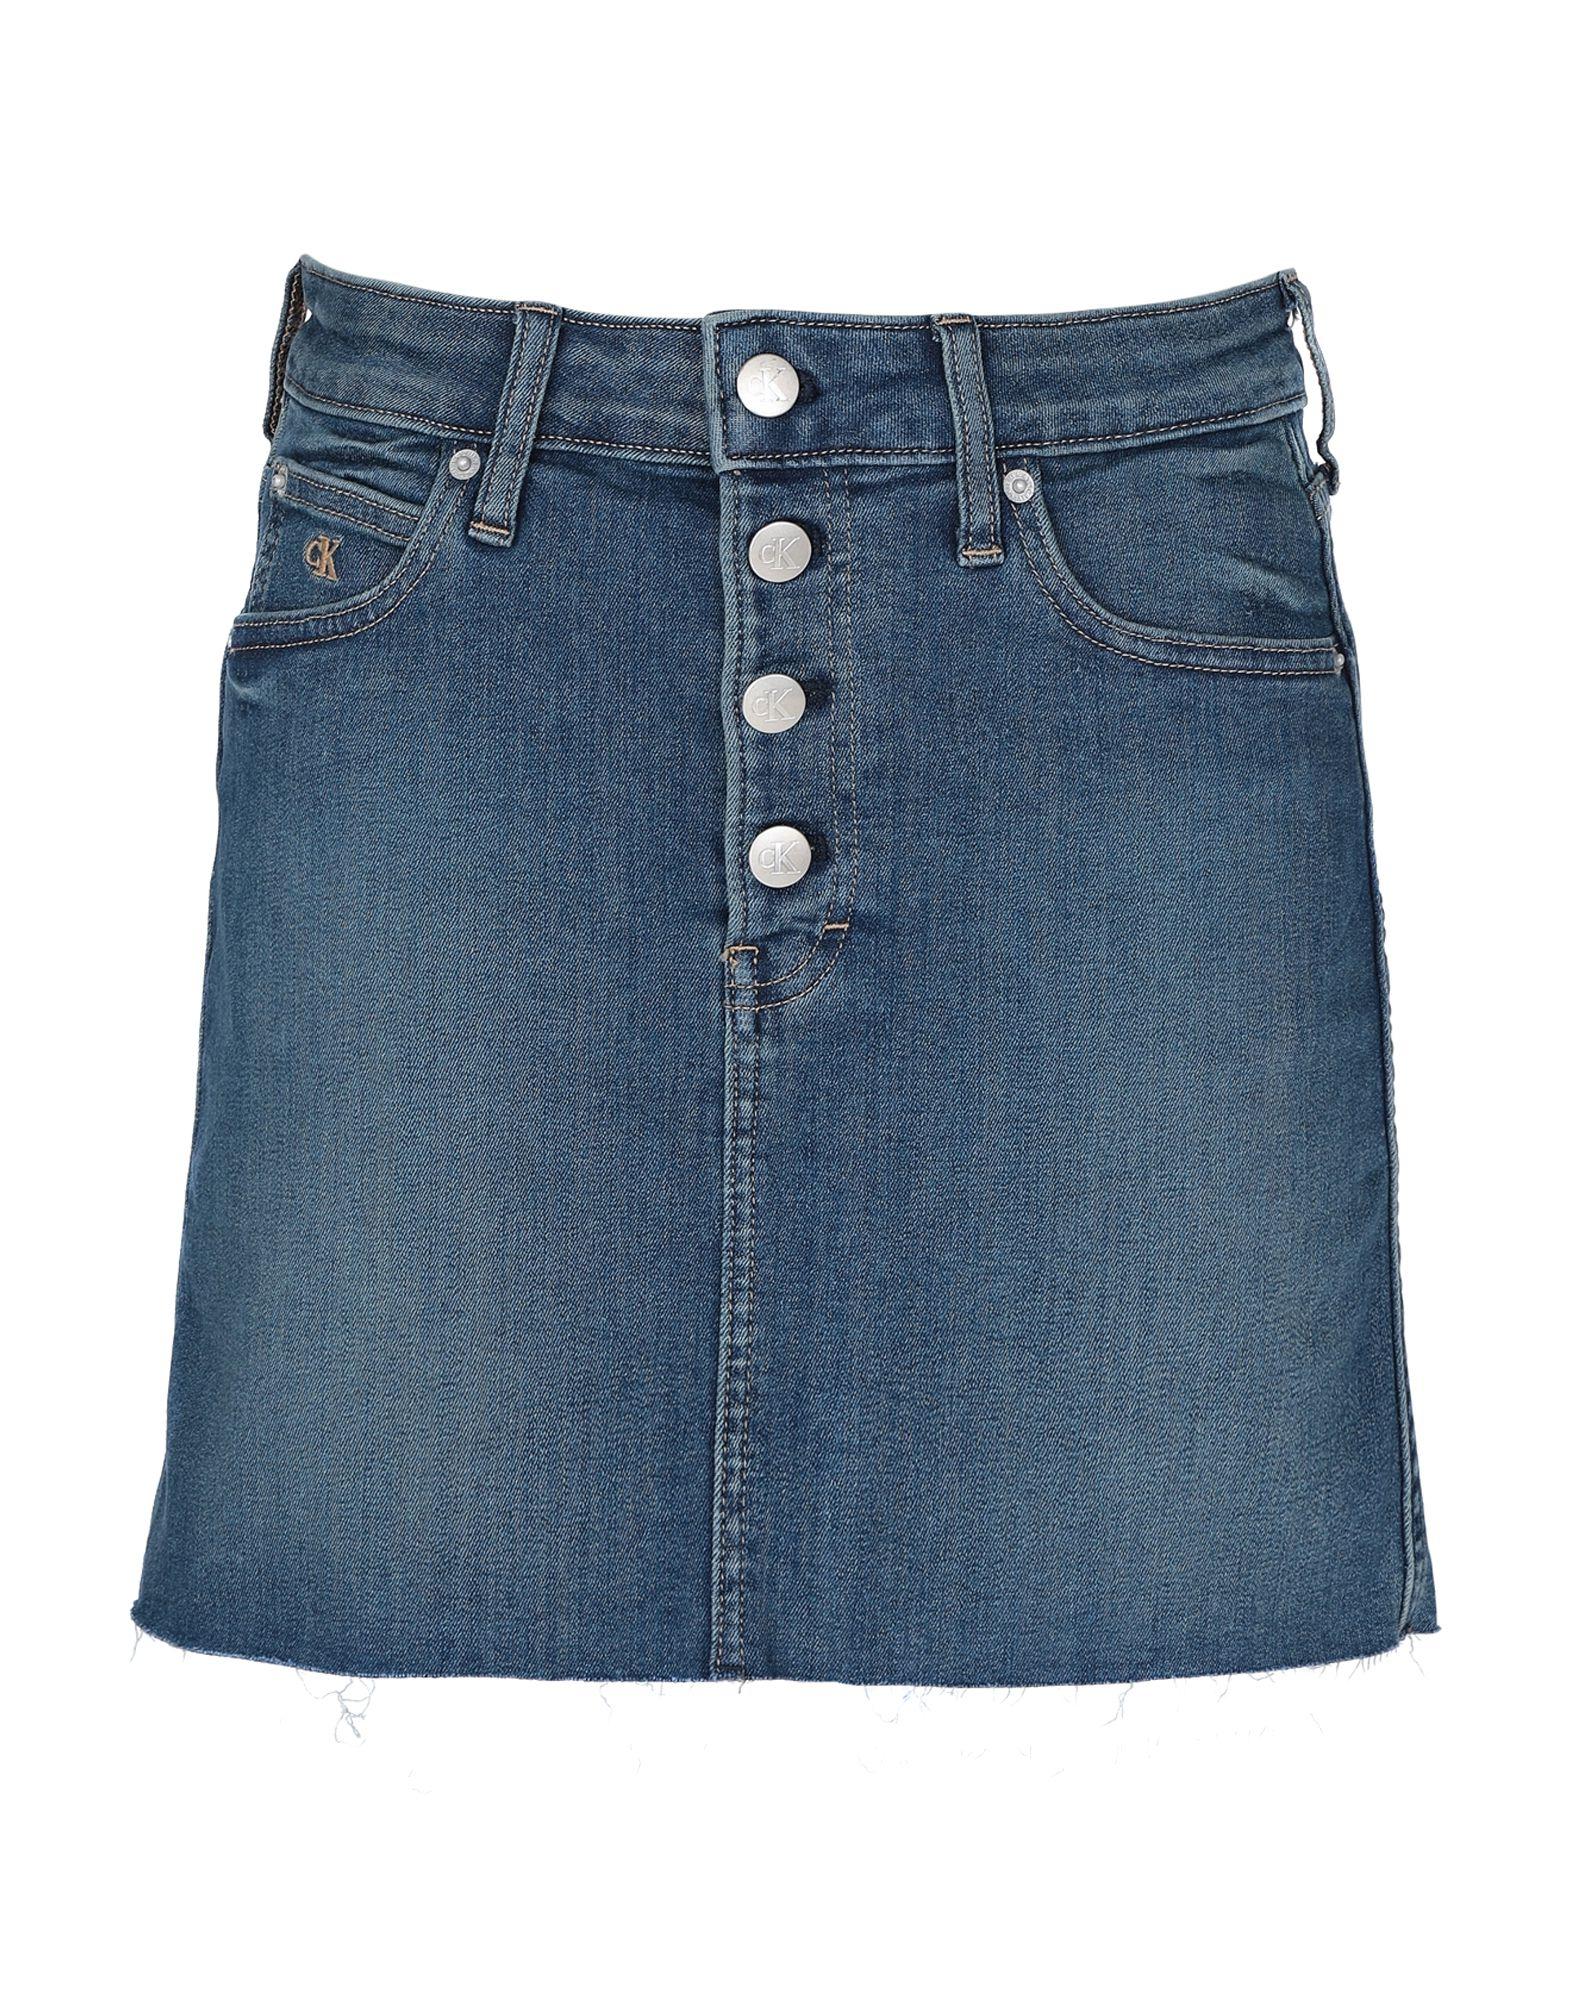 джемпер женский calvin klein jeans цвет серый j20j208528 0390 размер xs 40 42 CALVIN KLEIN JEANS Джинсовая юбка